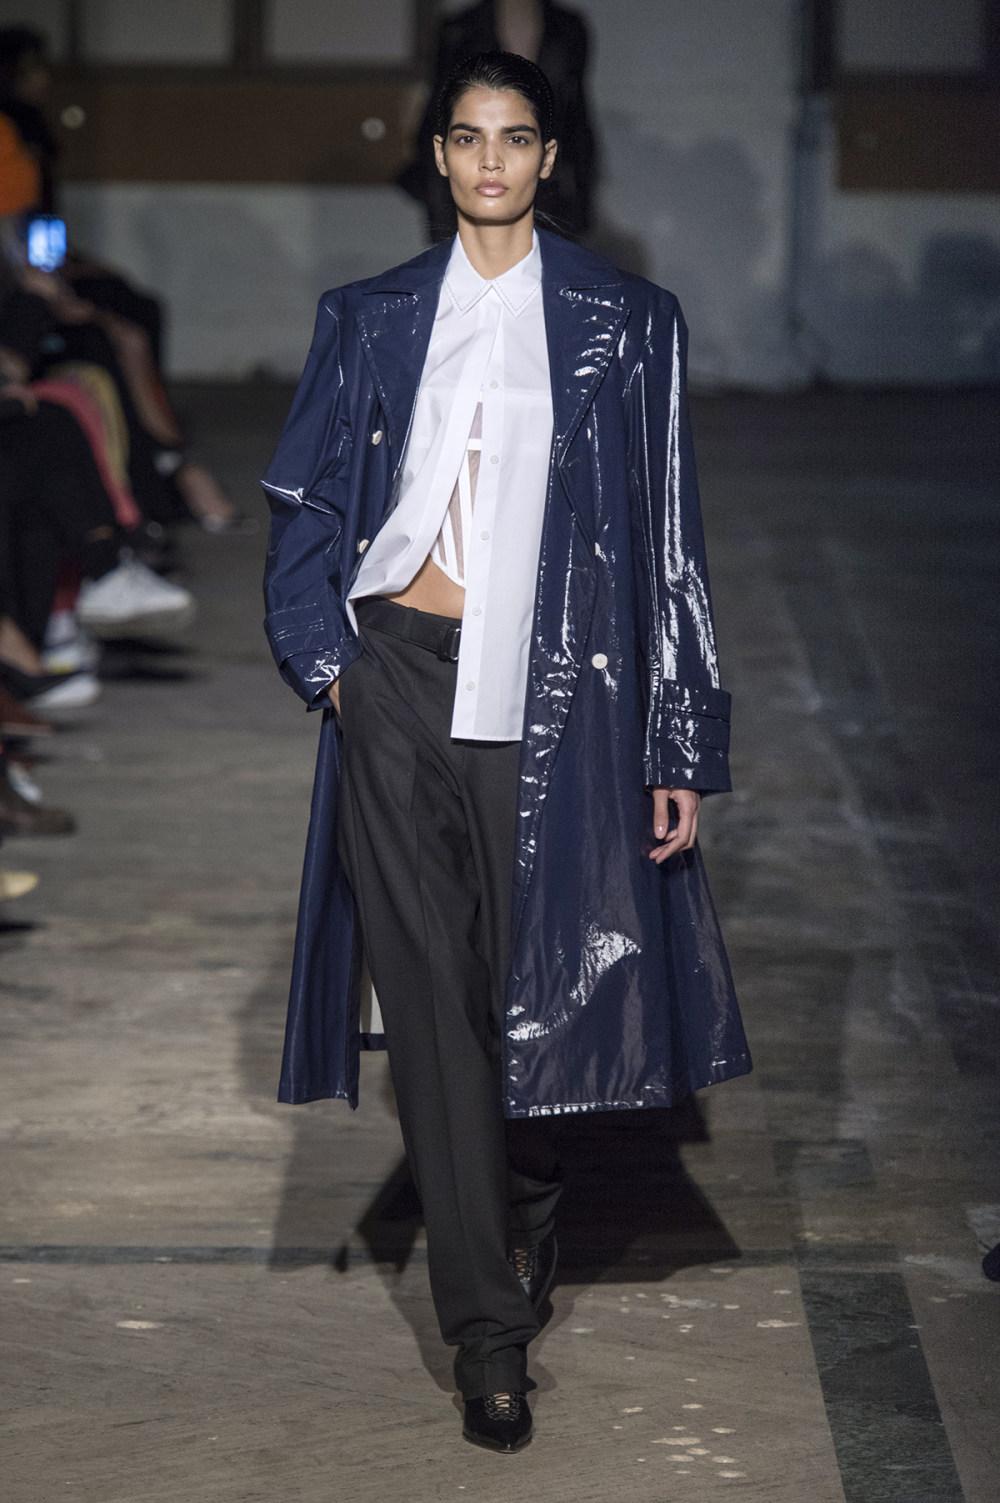 Dion Lee没有紧身衣的连衣裙被聚集或扭曲保持调色板的简约和奢华-5.jpg